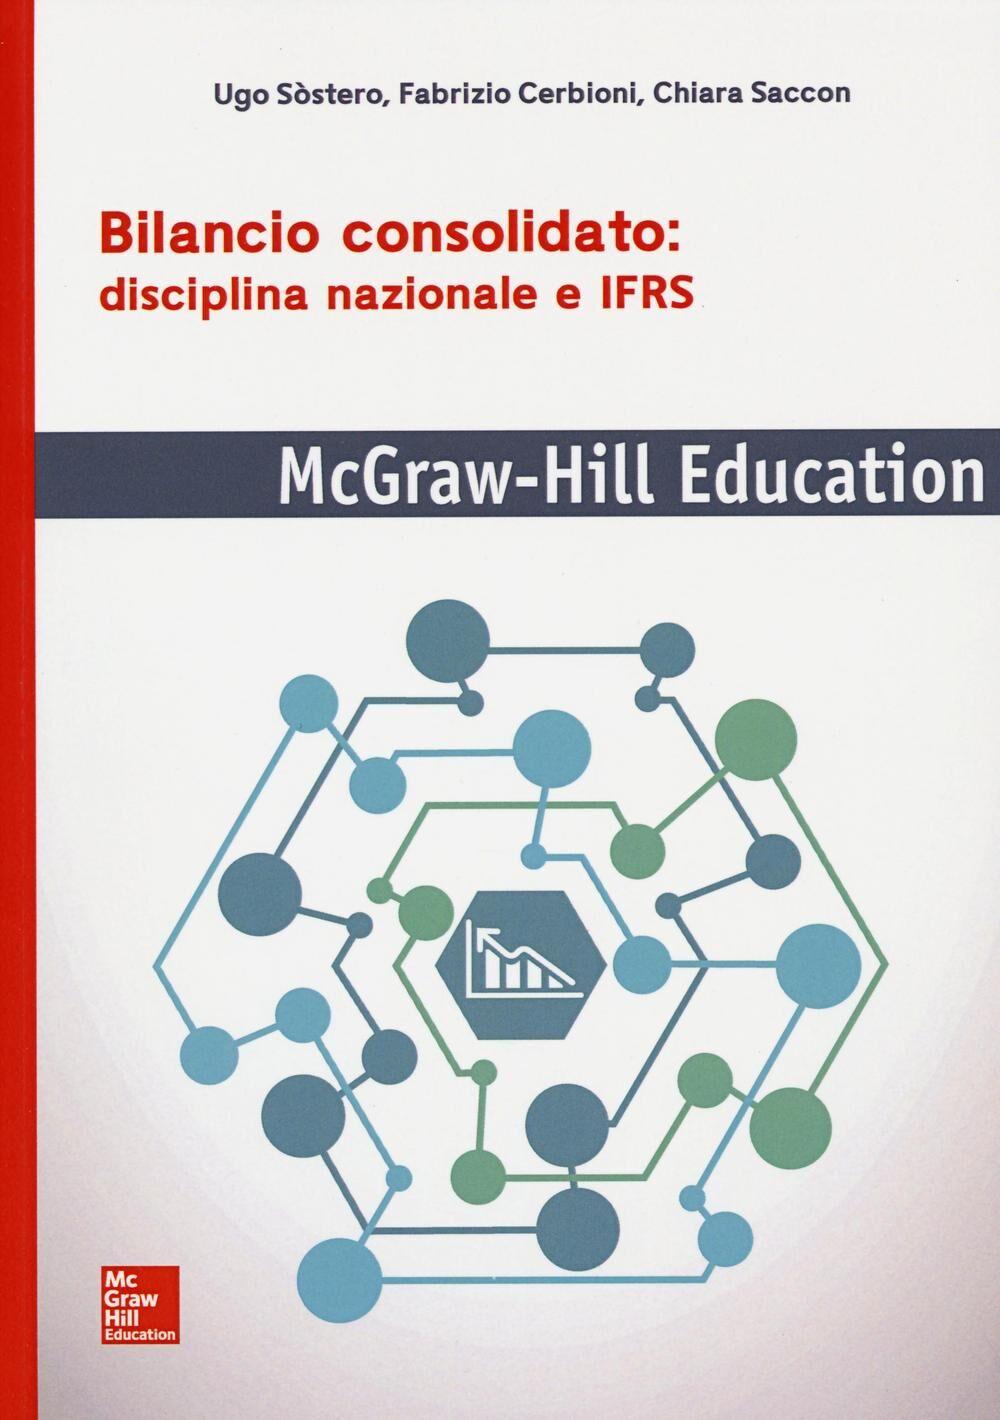 Bilancio consolidato: disciplina nazionale e IFRS